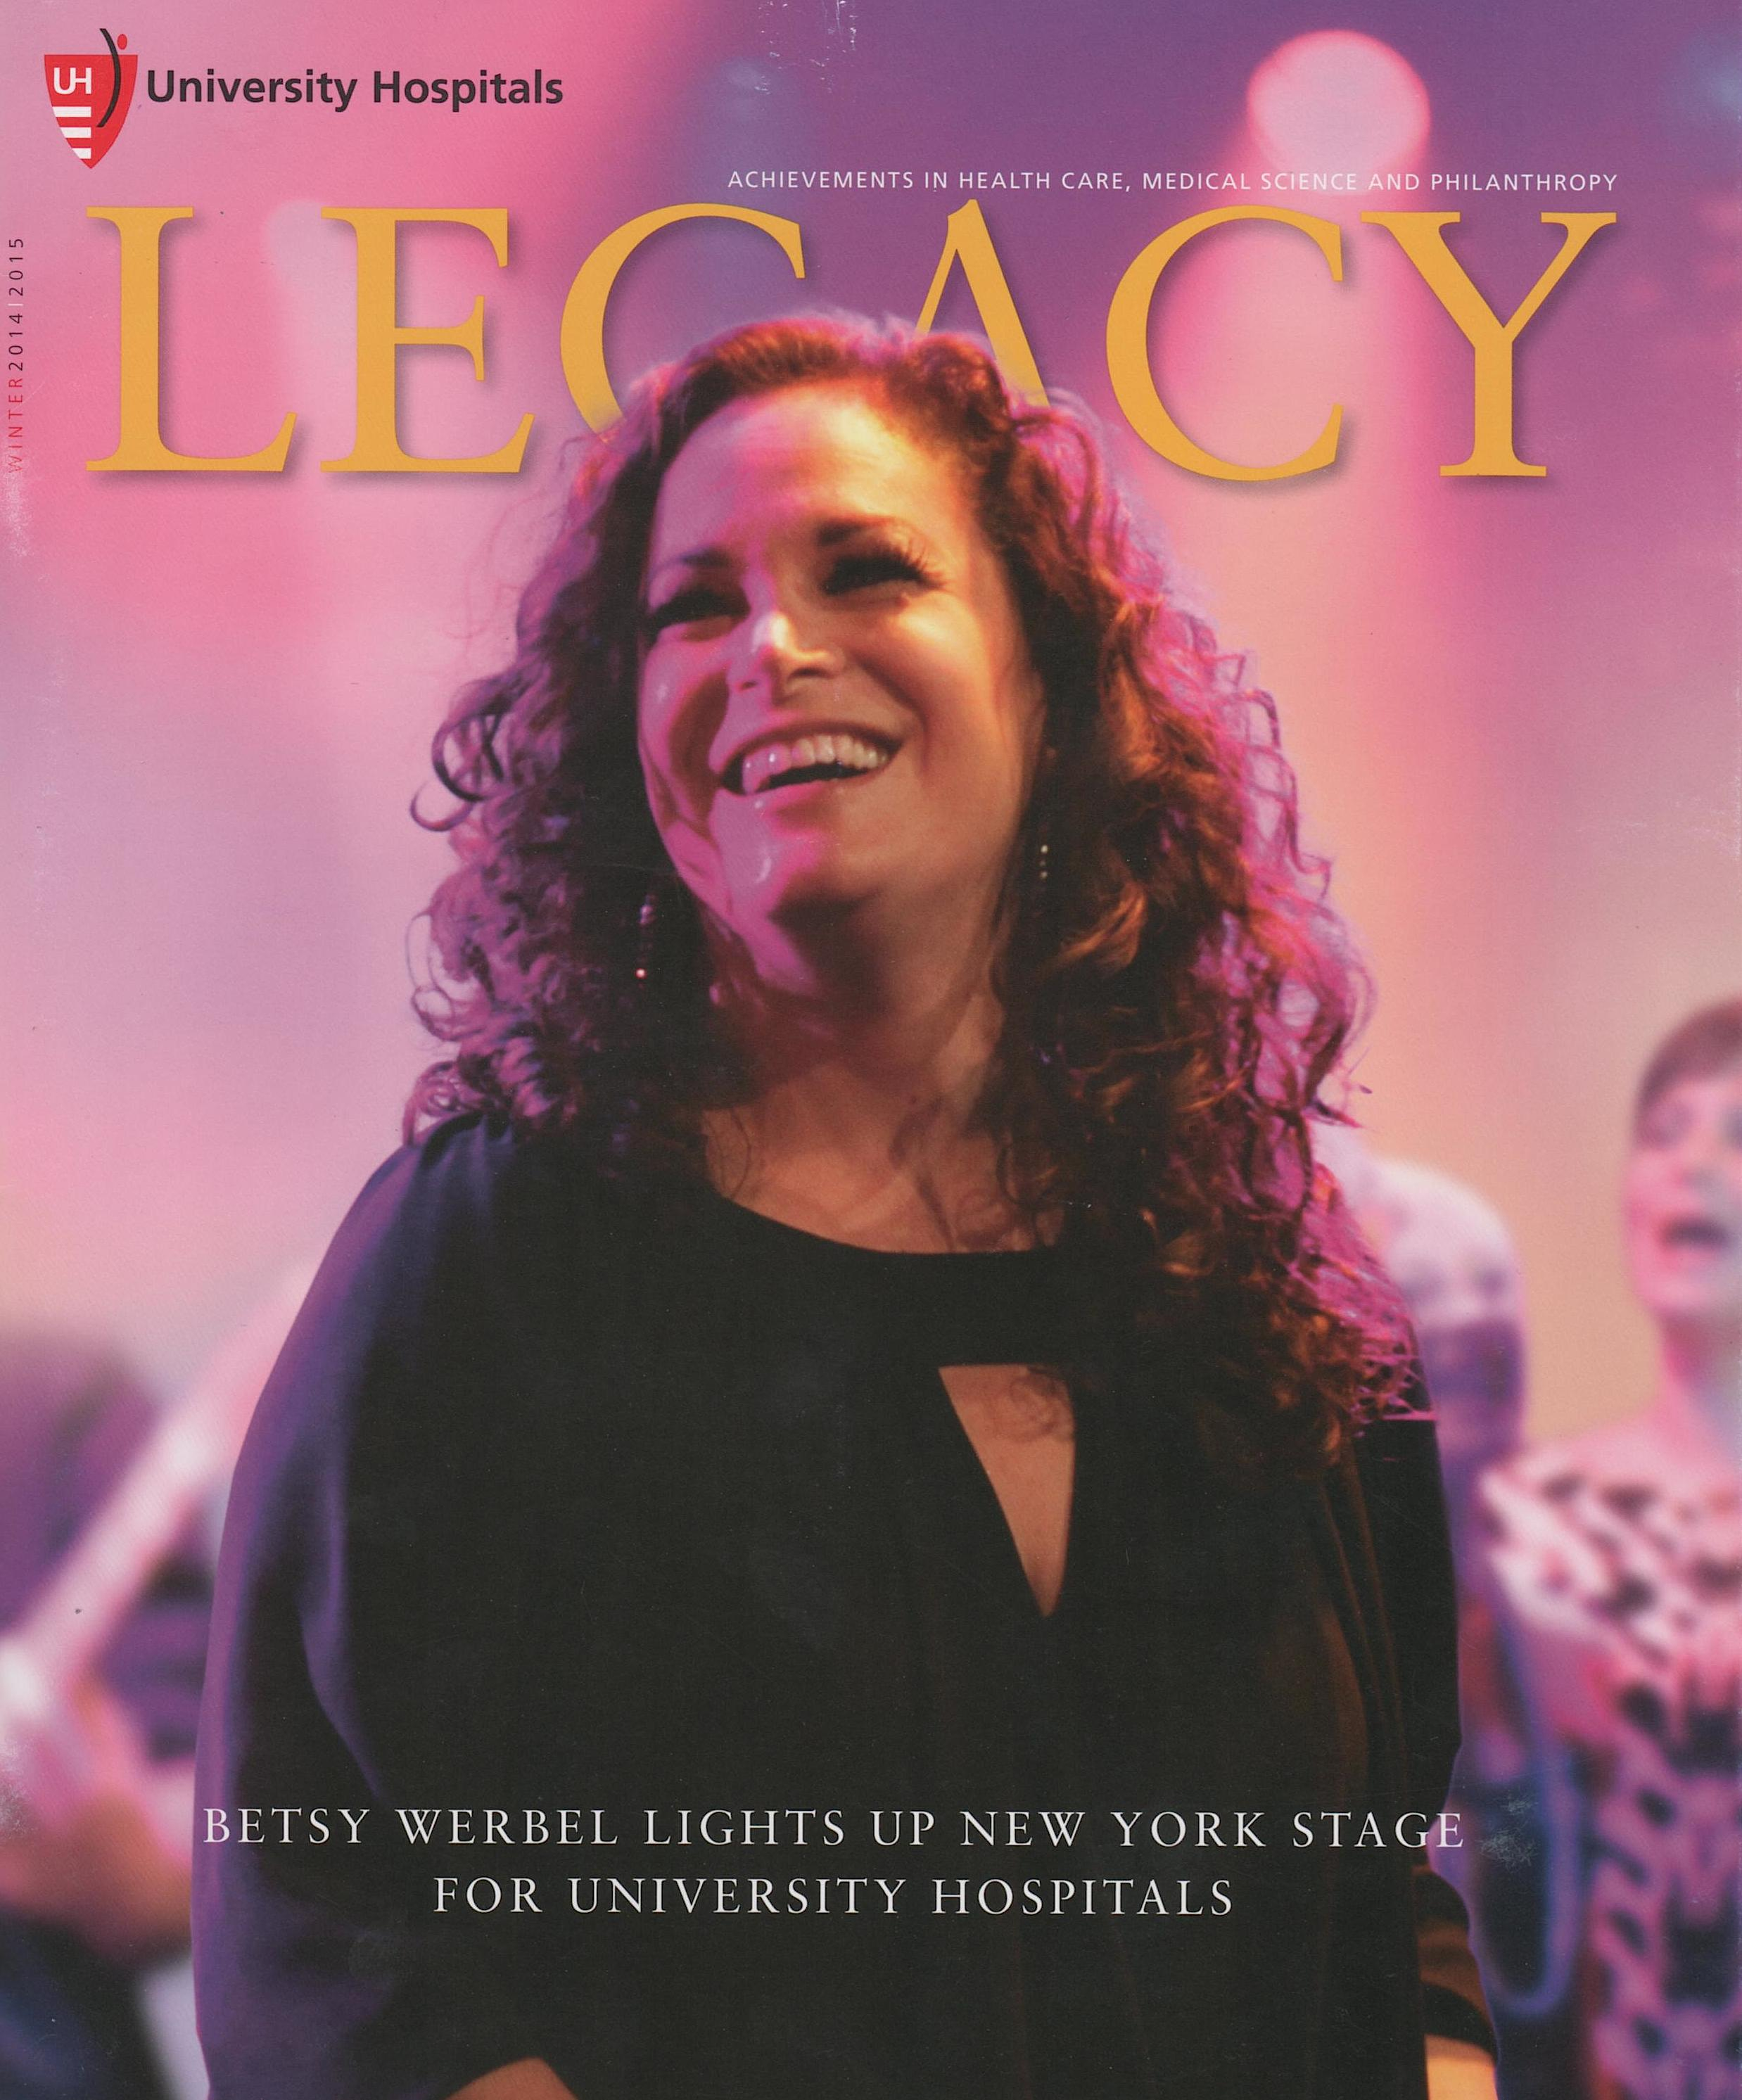 Legacy, 2015